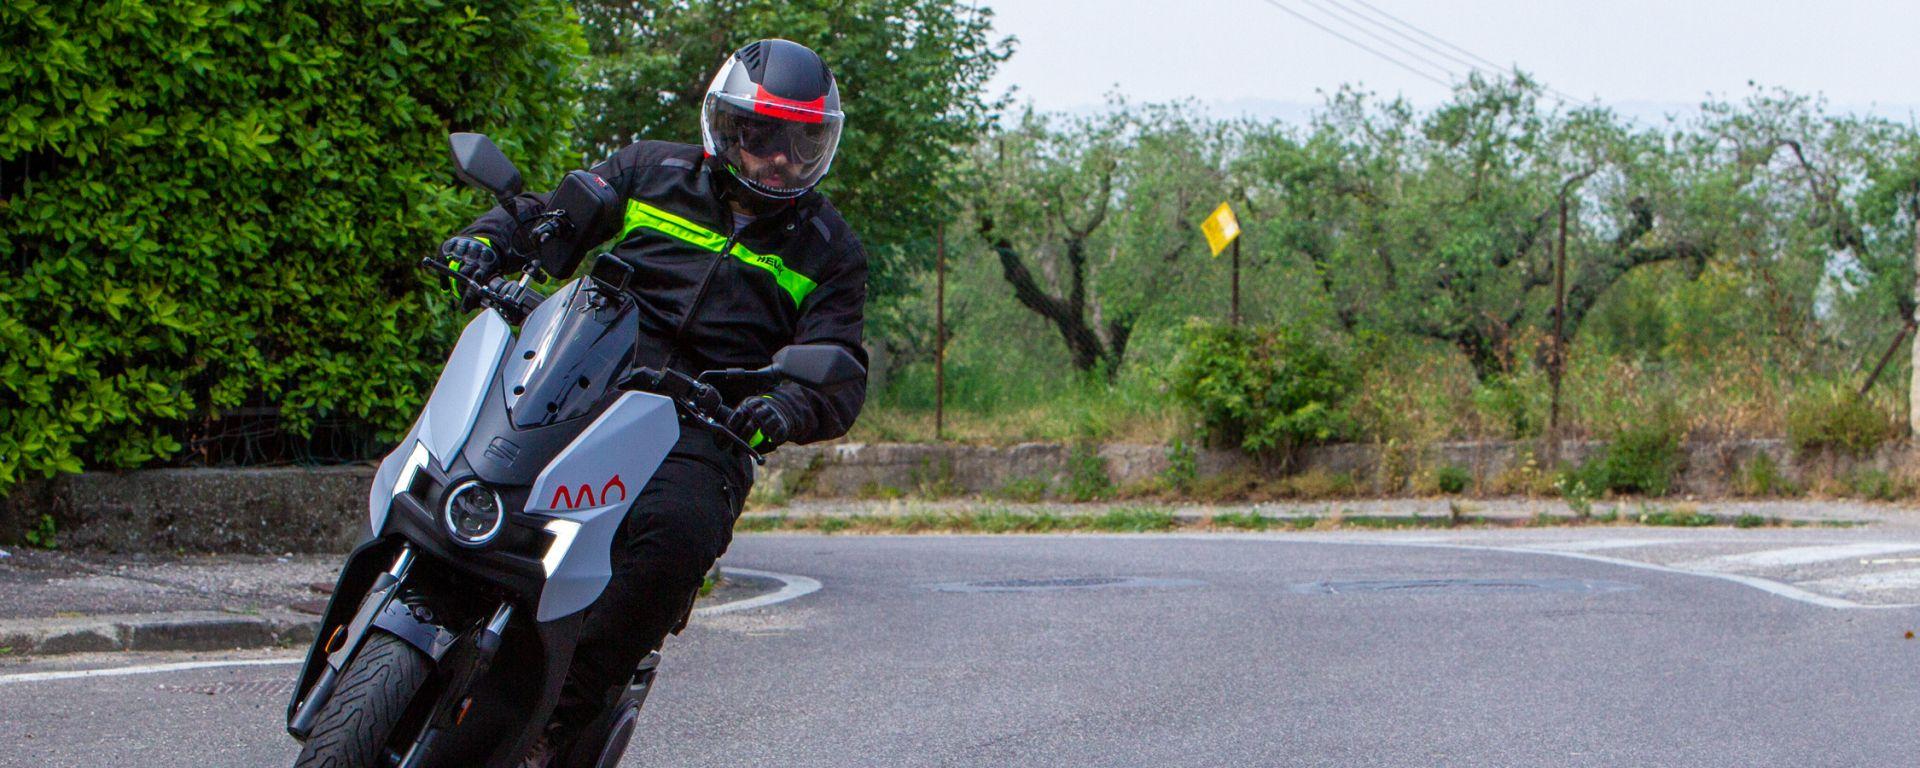 In sella al Seat Mò e-Scooter 125